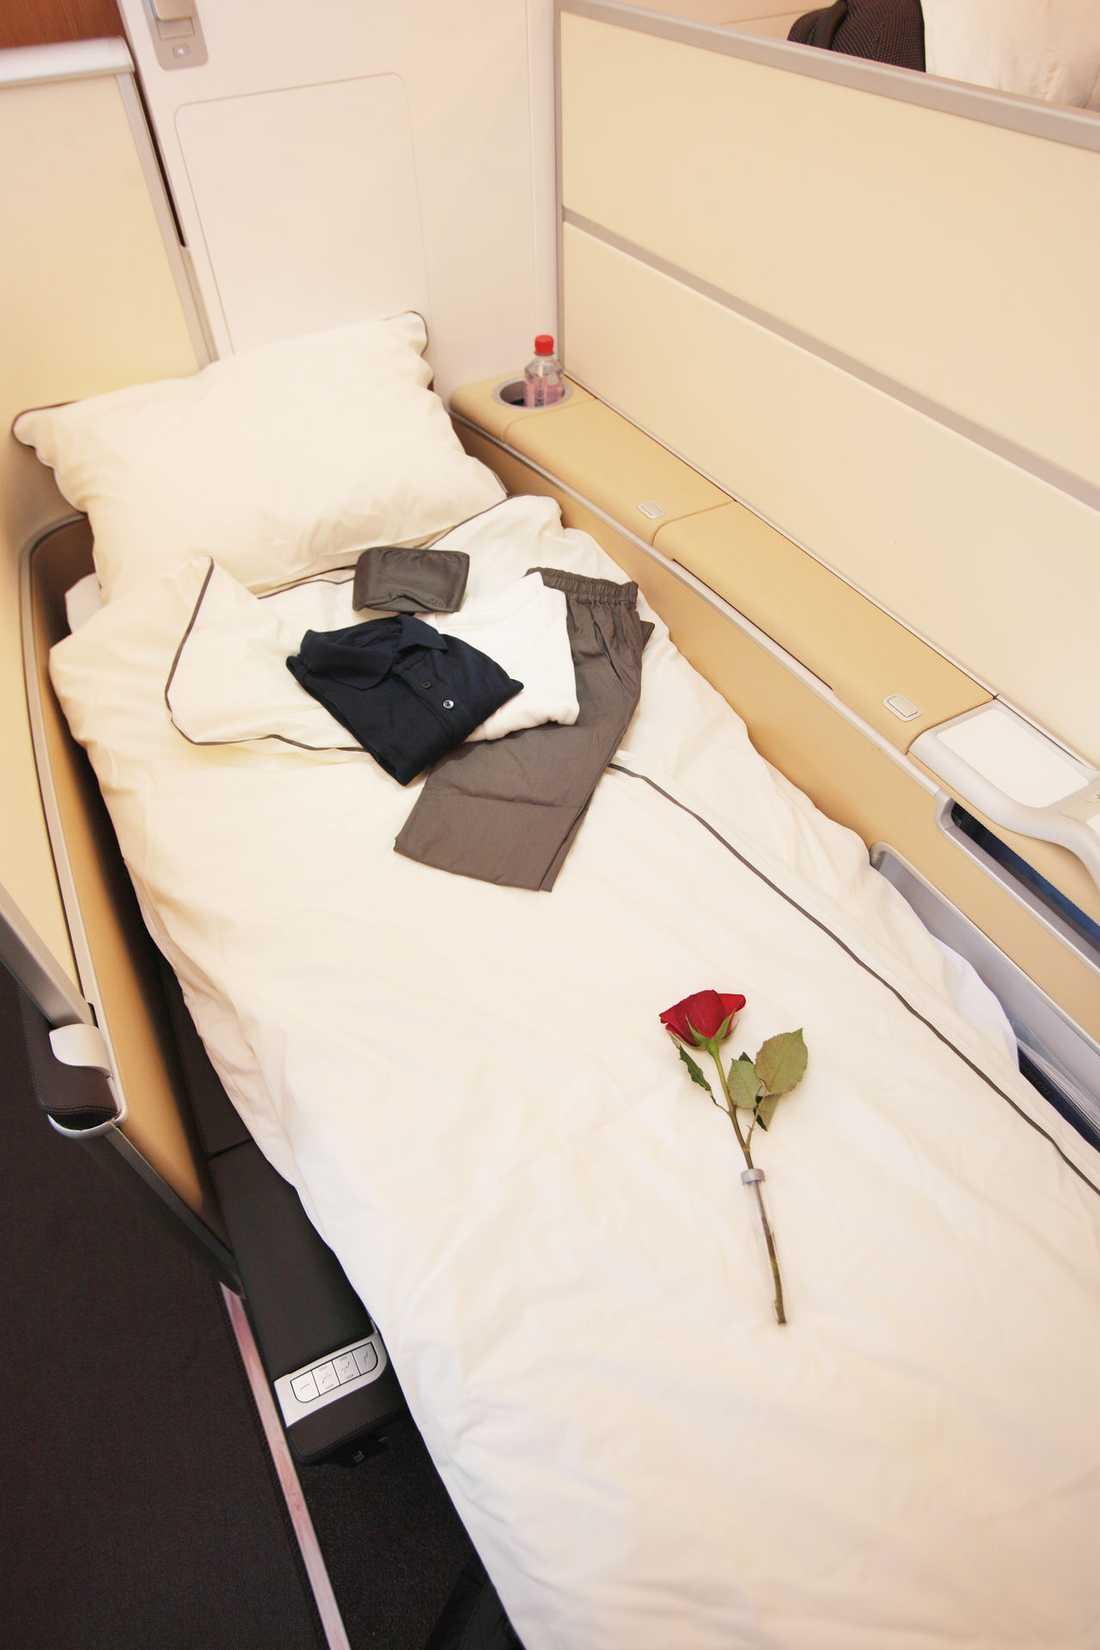 ...och på natten blir stolen till en riktig säng. Men vill du ha det så här skönt kostar det en slant: runt 100000 kronor till exempelvis Sydafrika tur och retur.